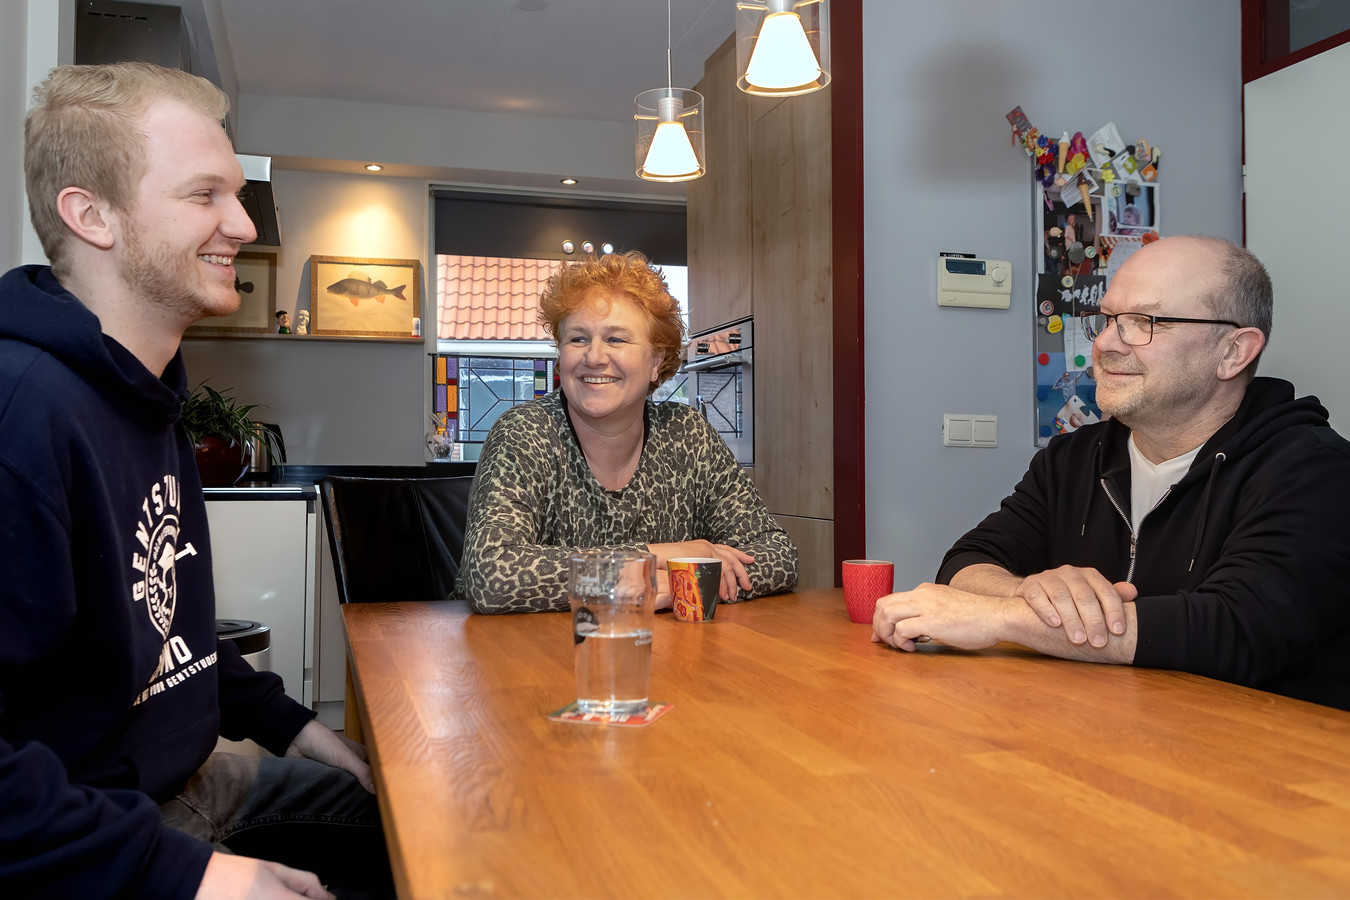 Oosterhout - Marjon en Kees Luijten en hun zoon Bram werken alledrie op corona-afdelingen. Marjon in het Amphia in Breda en Kees en Bram in het TweeSteden-ziekenhuis in Tilburg. Hier zitten ze aan de keukentafel in hun huis in het centrum van Oosterhout.